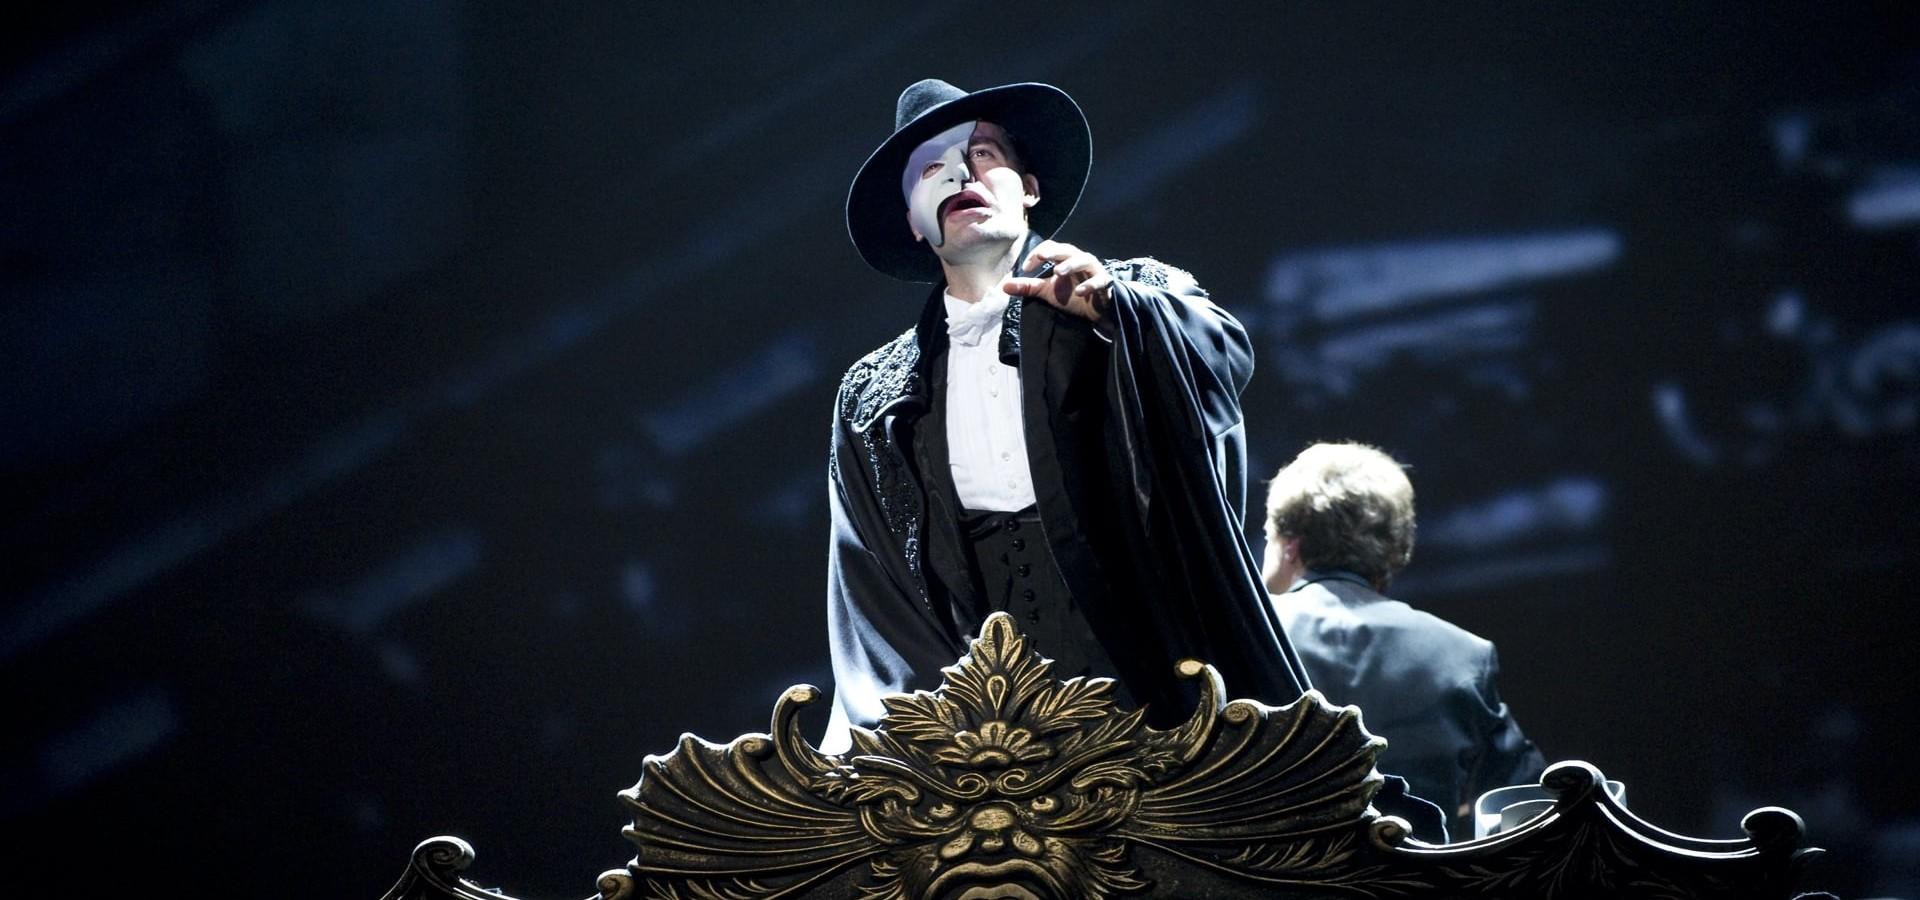 El fantasma de la ópera en el Royal Albert Hall